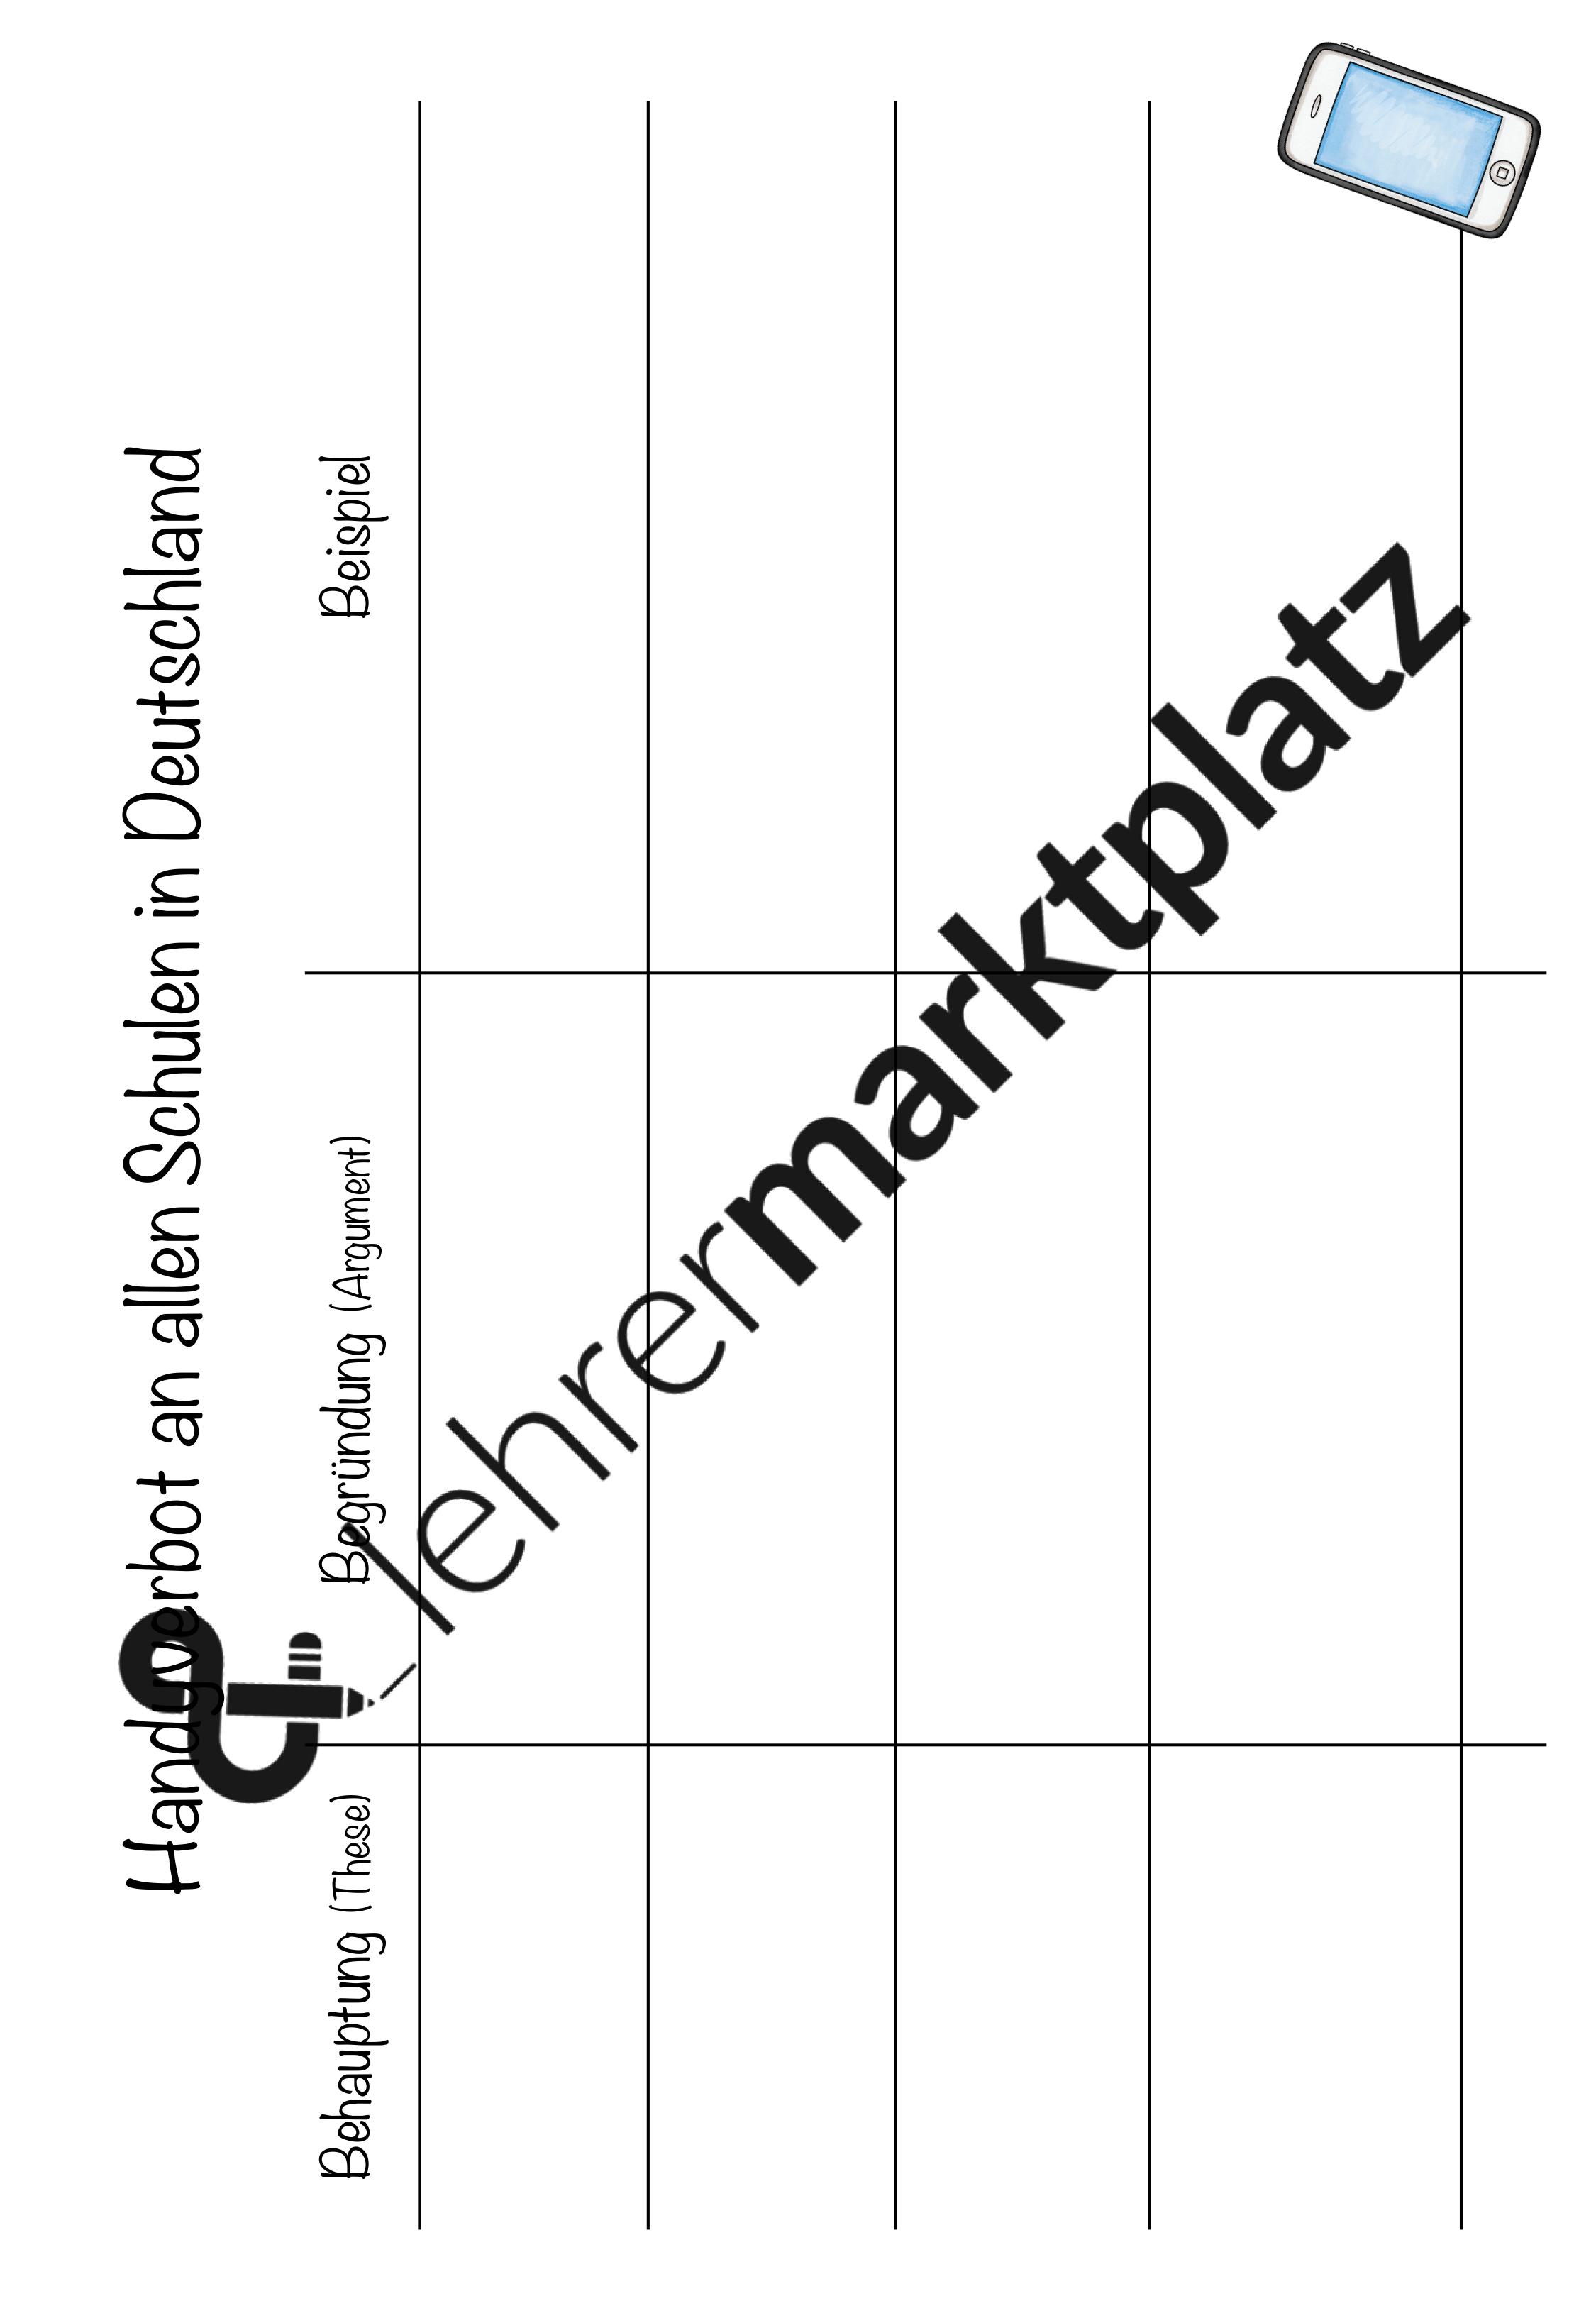 Behauptung Begrundung Beispiel Eine Ubung Unterrichtsmaterial Im Fach Deutsch In 2020 Unterrichtsmaterial Ubung Behauptung